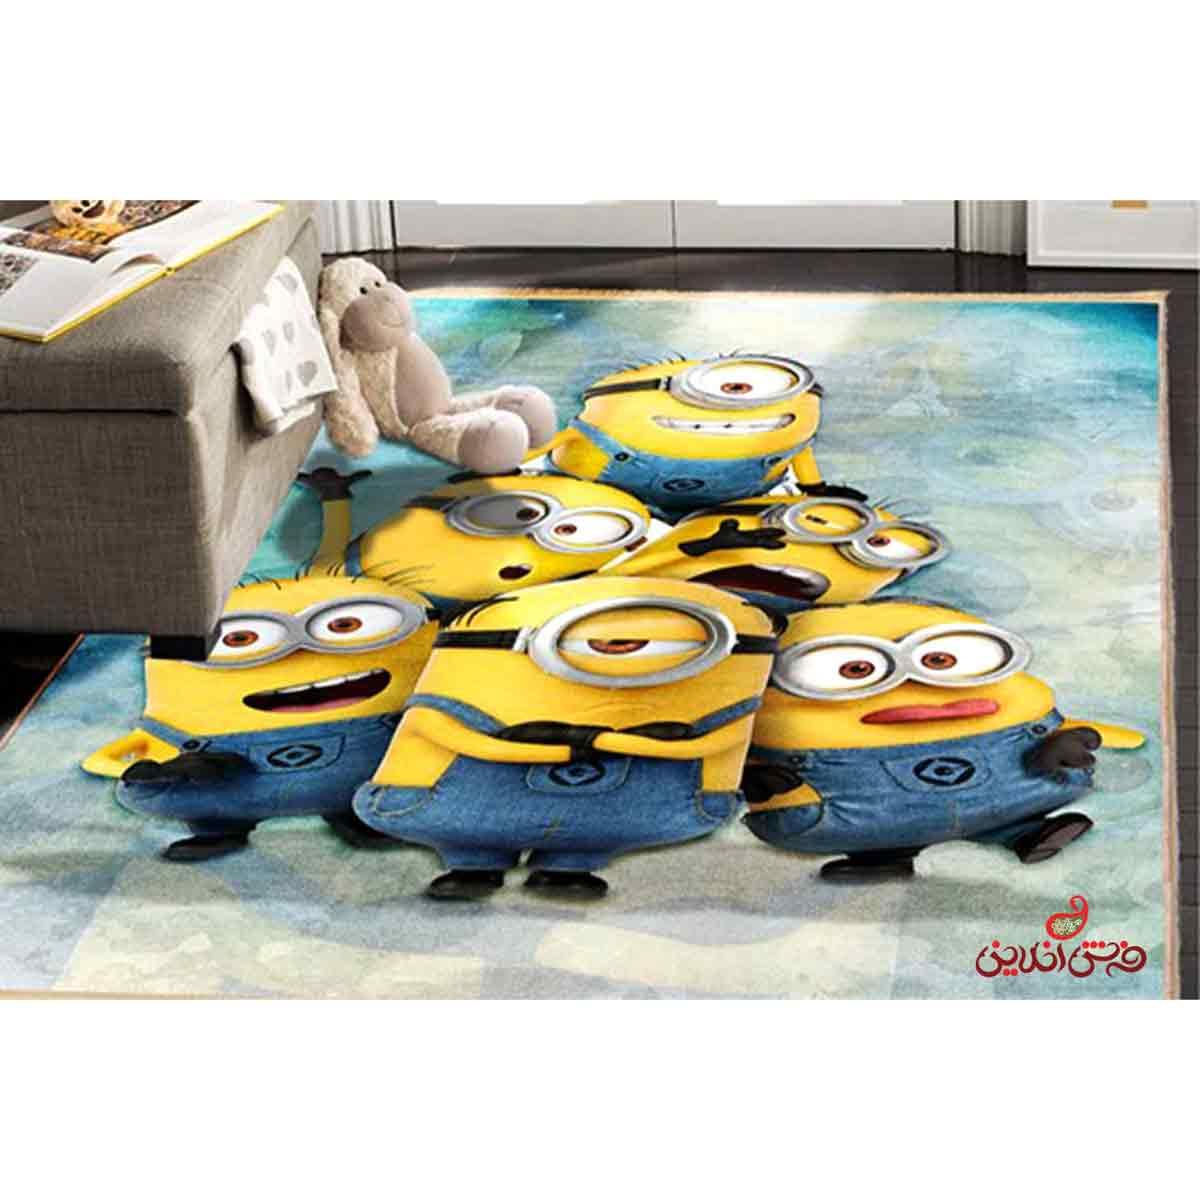 فرش ماشینی کودک کلاریس مینیون ها کد 100243